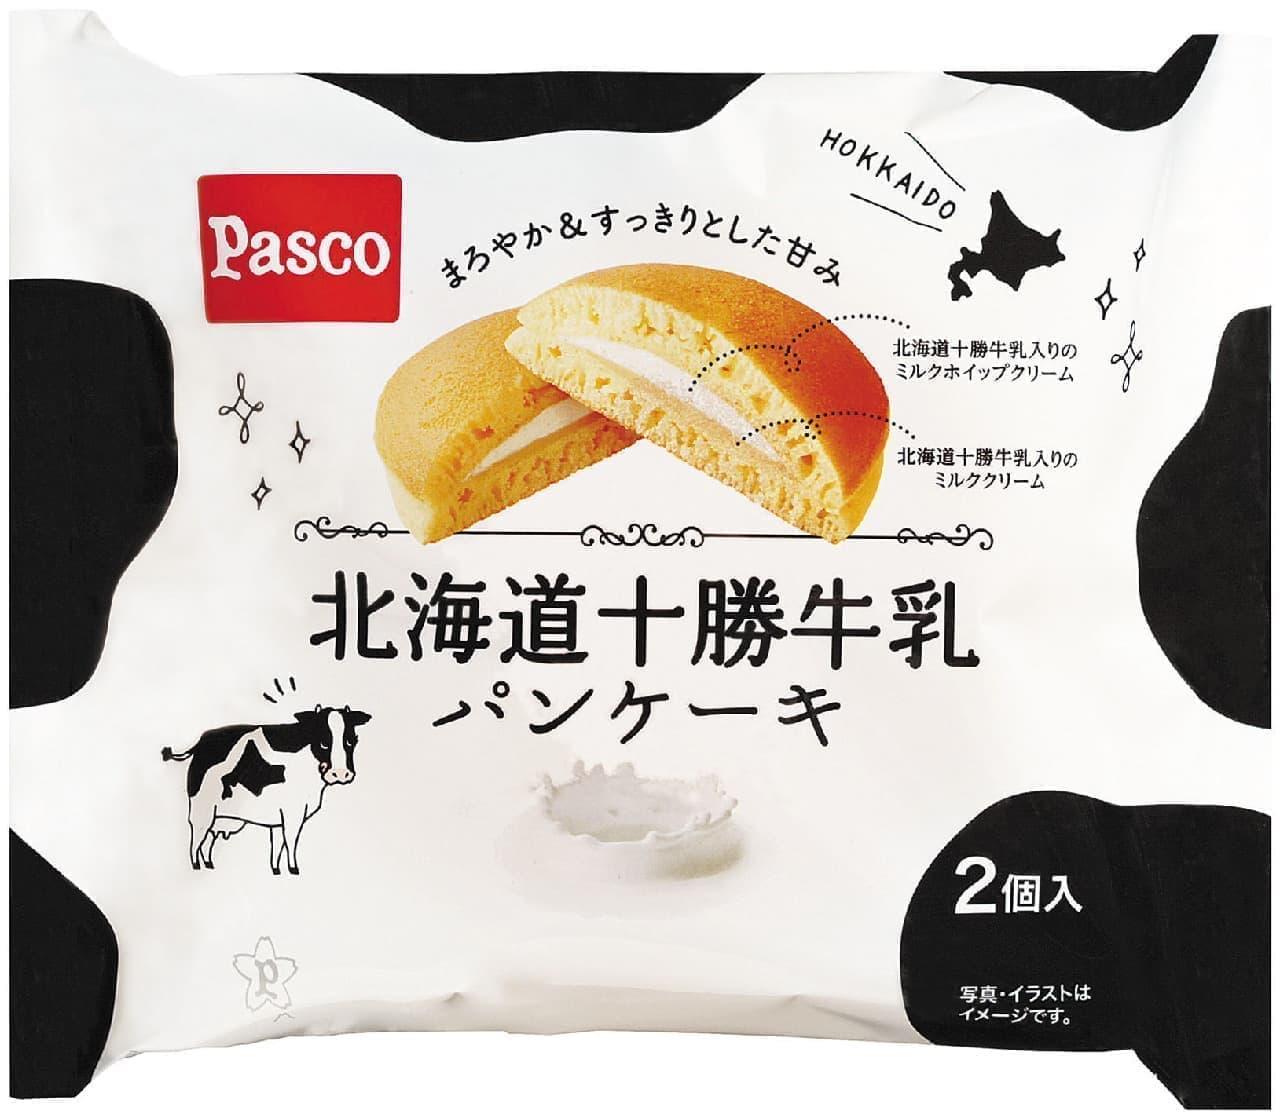 パスコ「北海道十勝牛乳パンケーキ2個入」